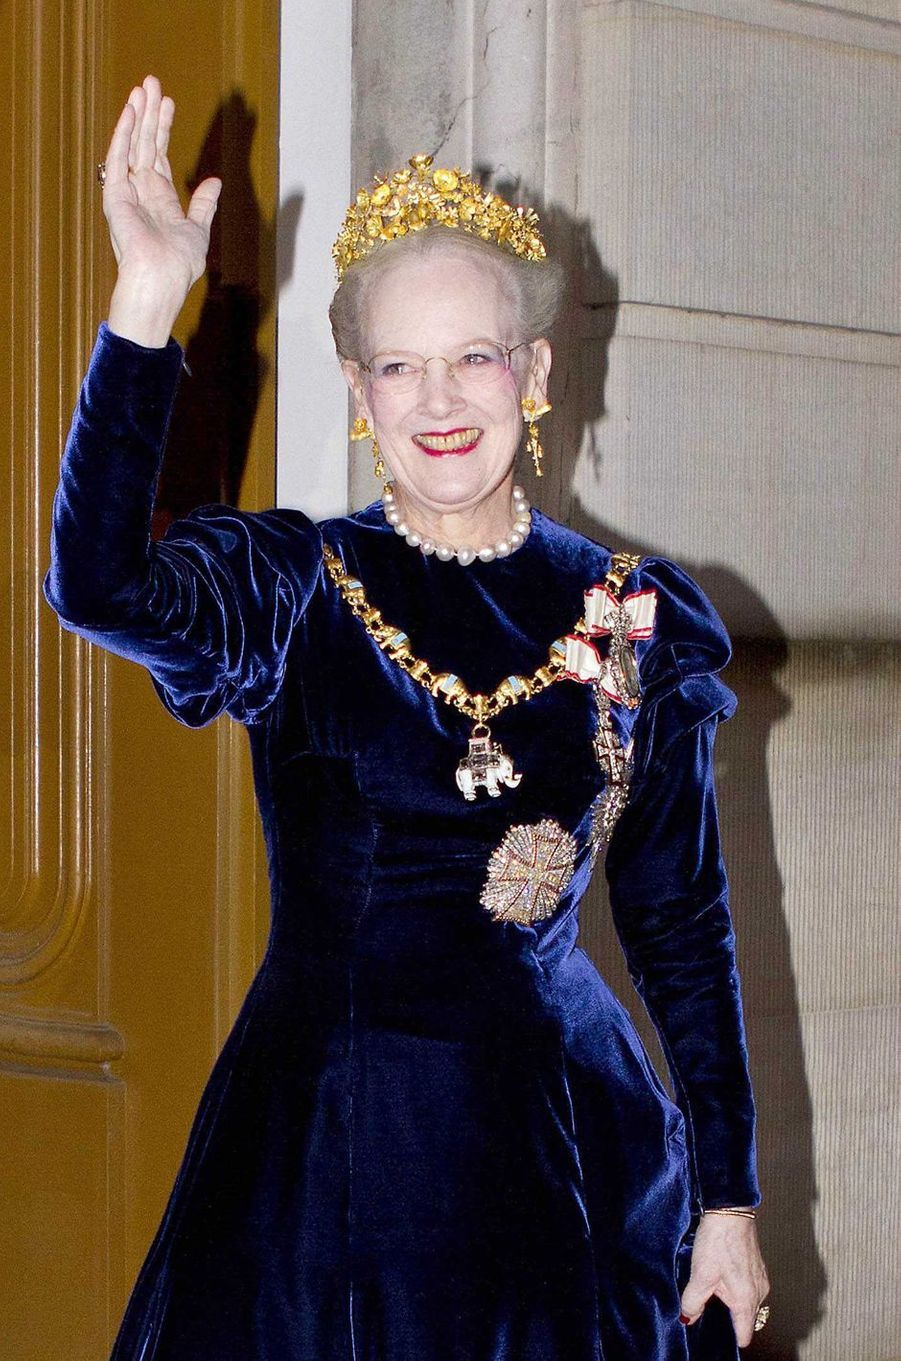 La reine Margrethe II de Danemark coiffée de son diadème Naasut, le 1er janvier 2013